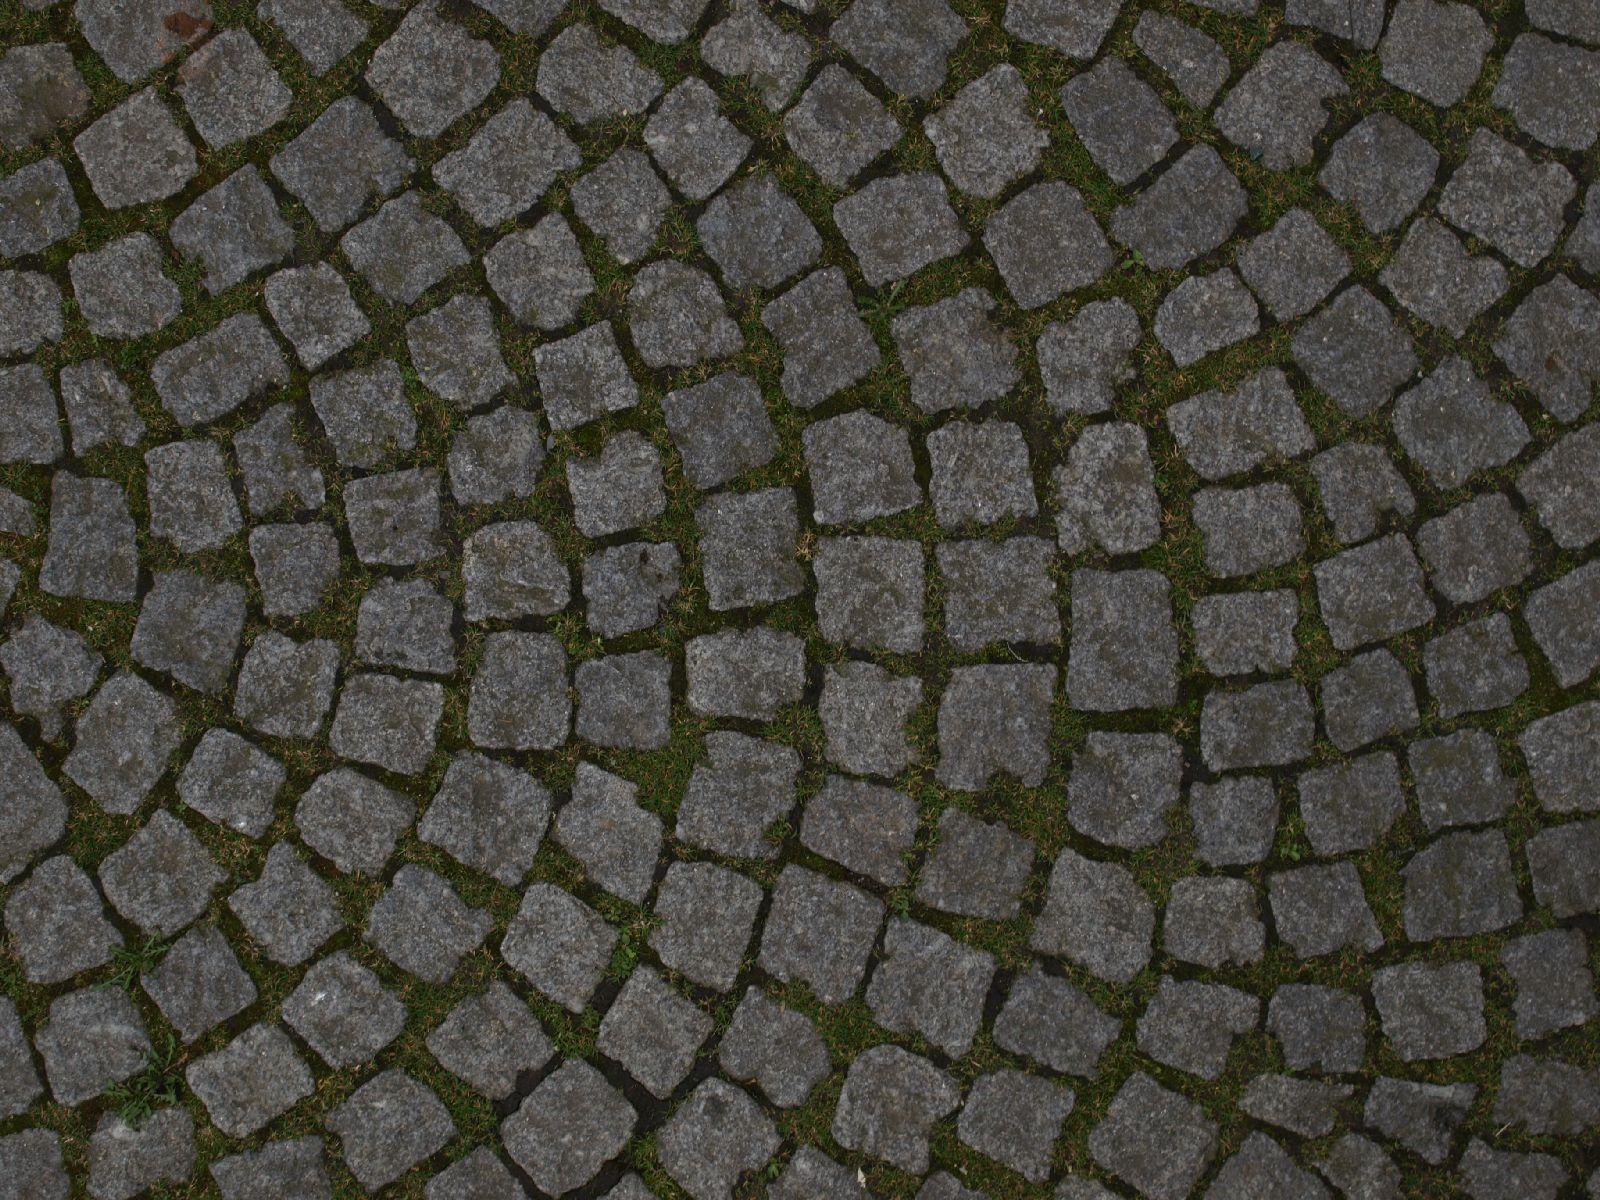 Ground-Urban_Texture_A_P4041481